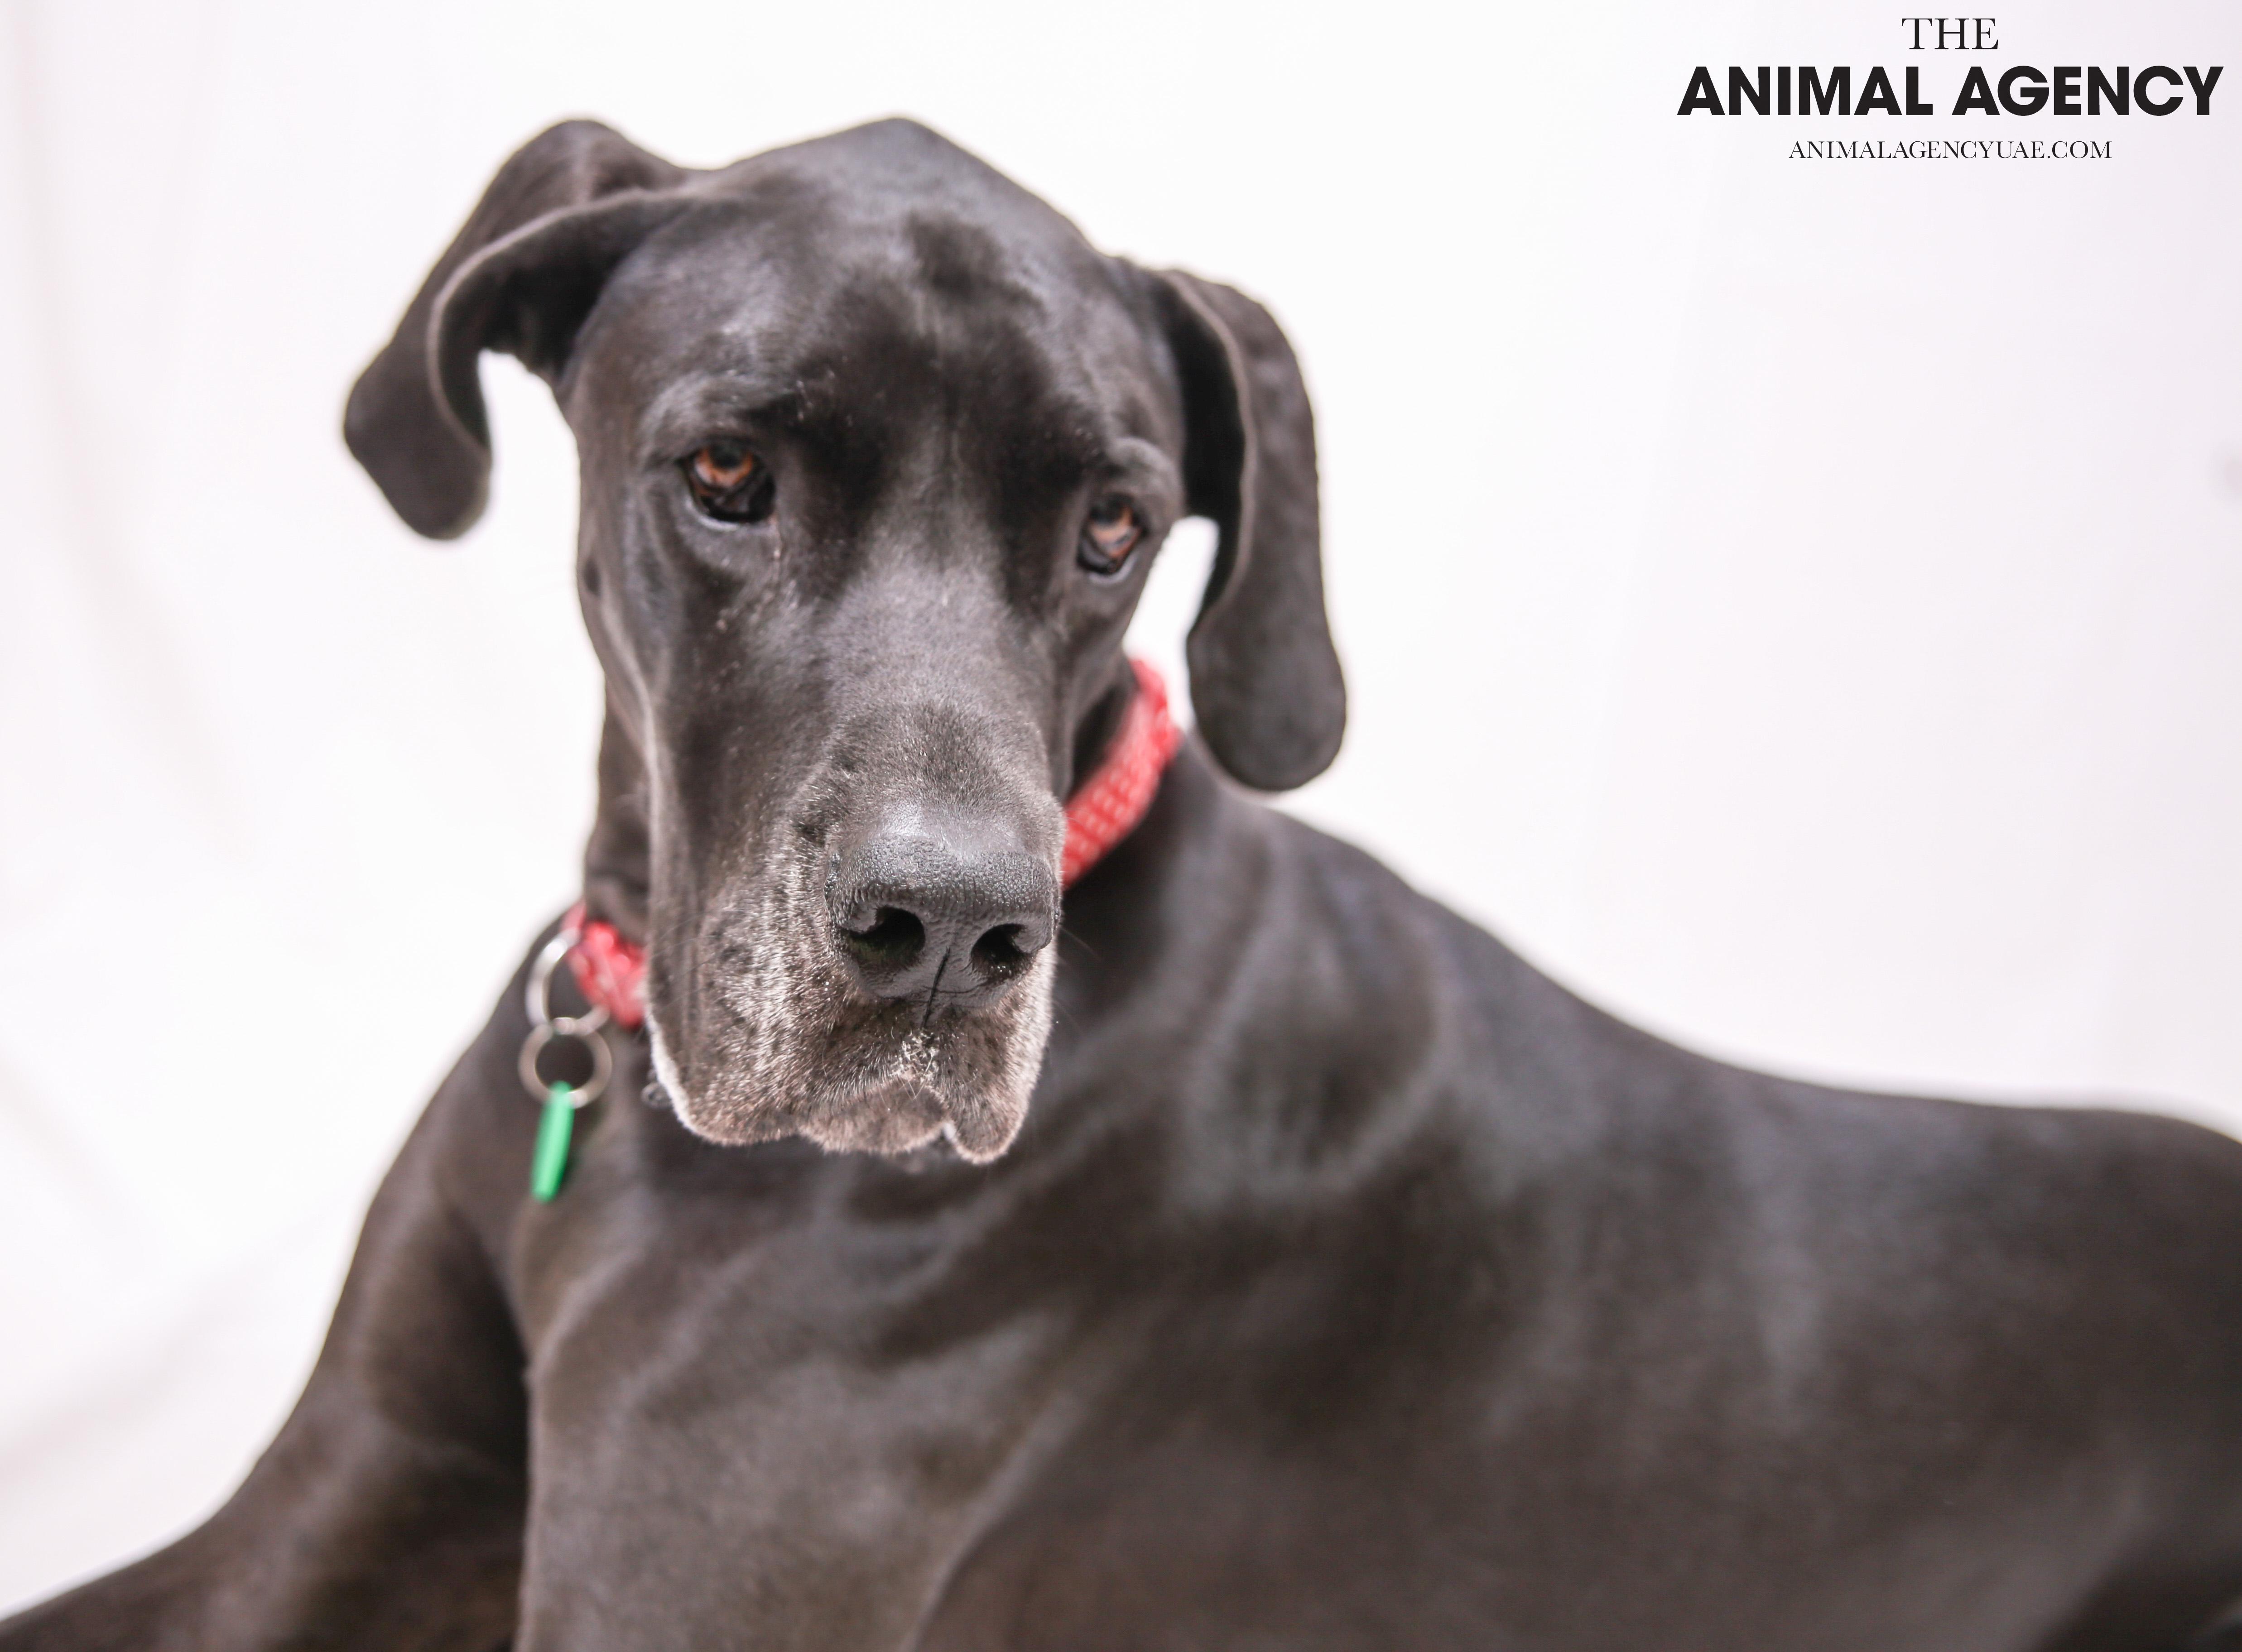 The Animal Agency UAE_Dog_Minnie (3).jpg